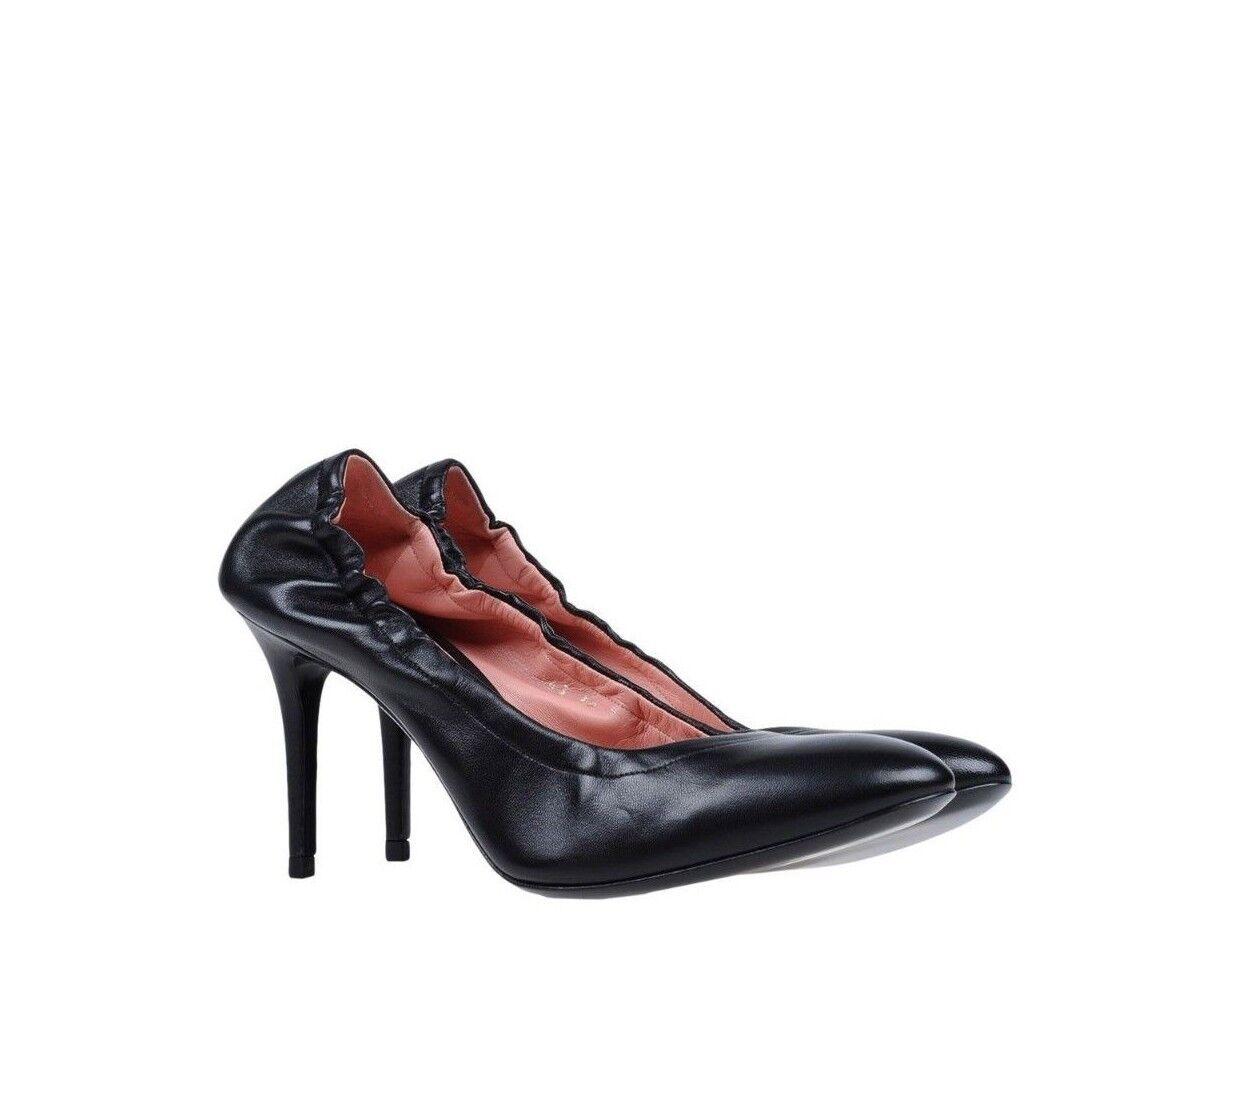 NEW Acne Studios size 9 shoes heels pumps heels shoes 39 NWT e6b70b